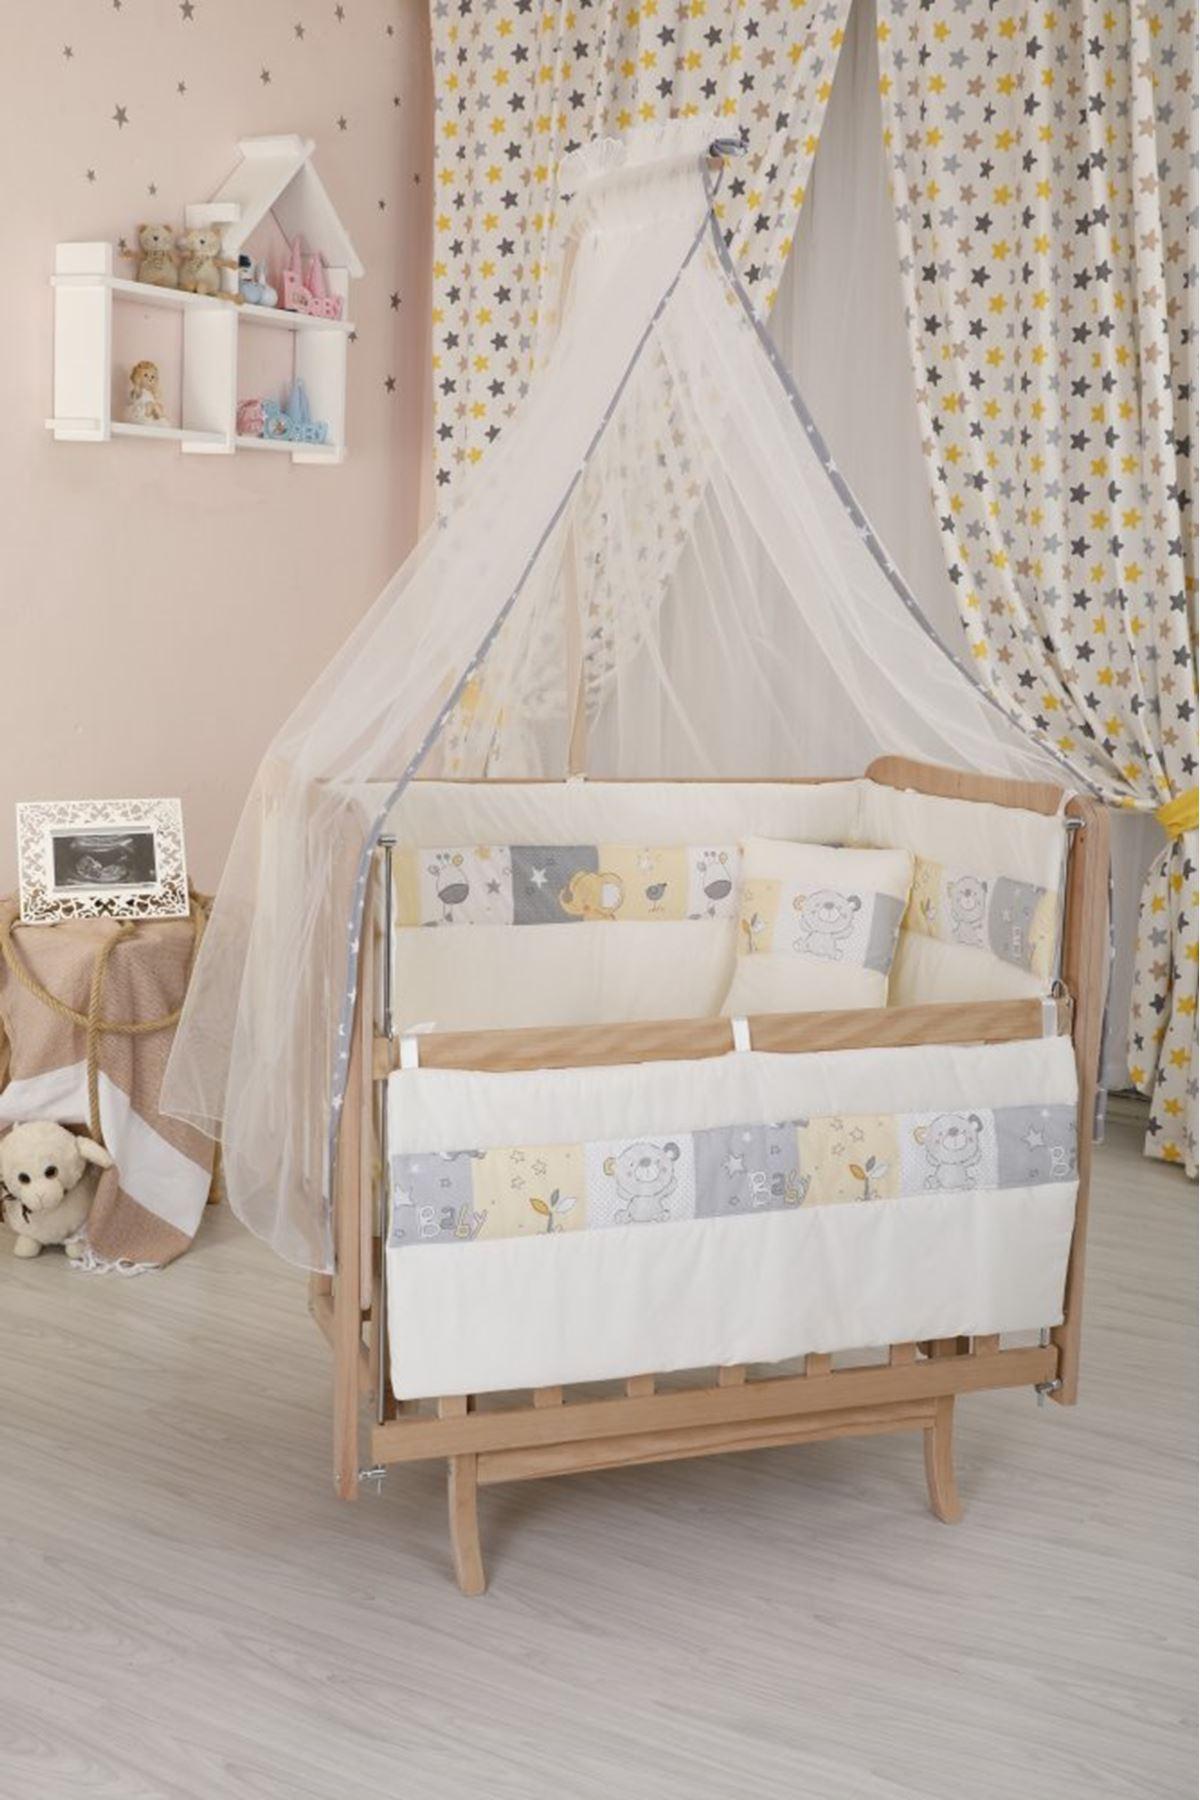 سرير خشبي مستطيل صغير قماش رسوم حيوانات